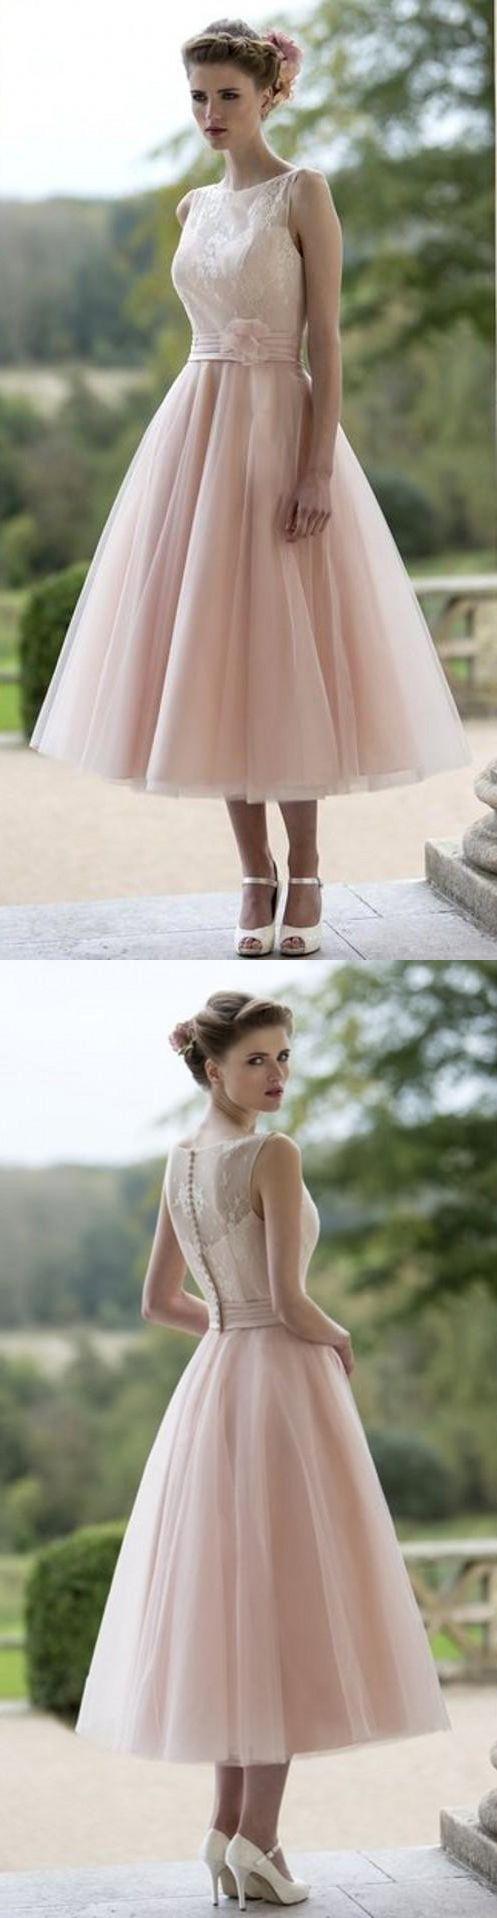 melhores imagens de My Style no Pinterest Roupas de trabalho